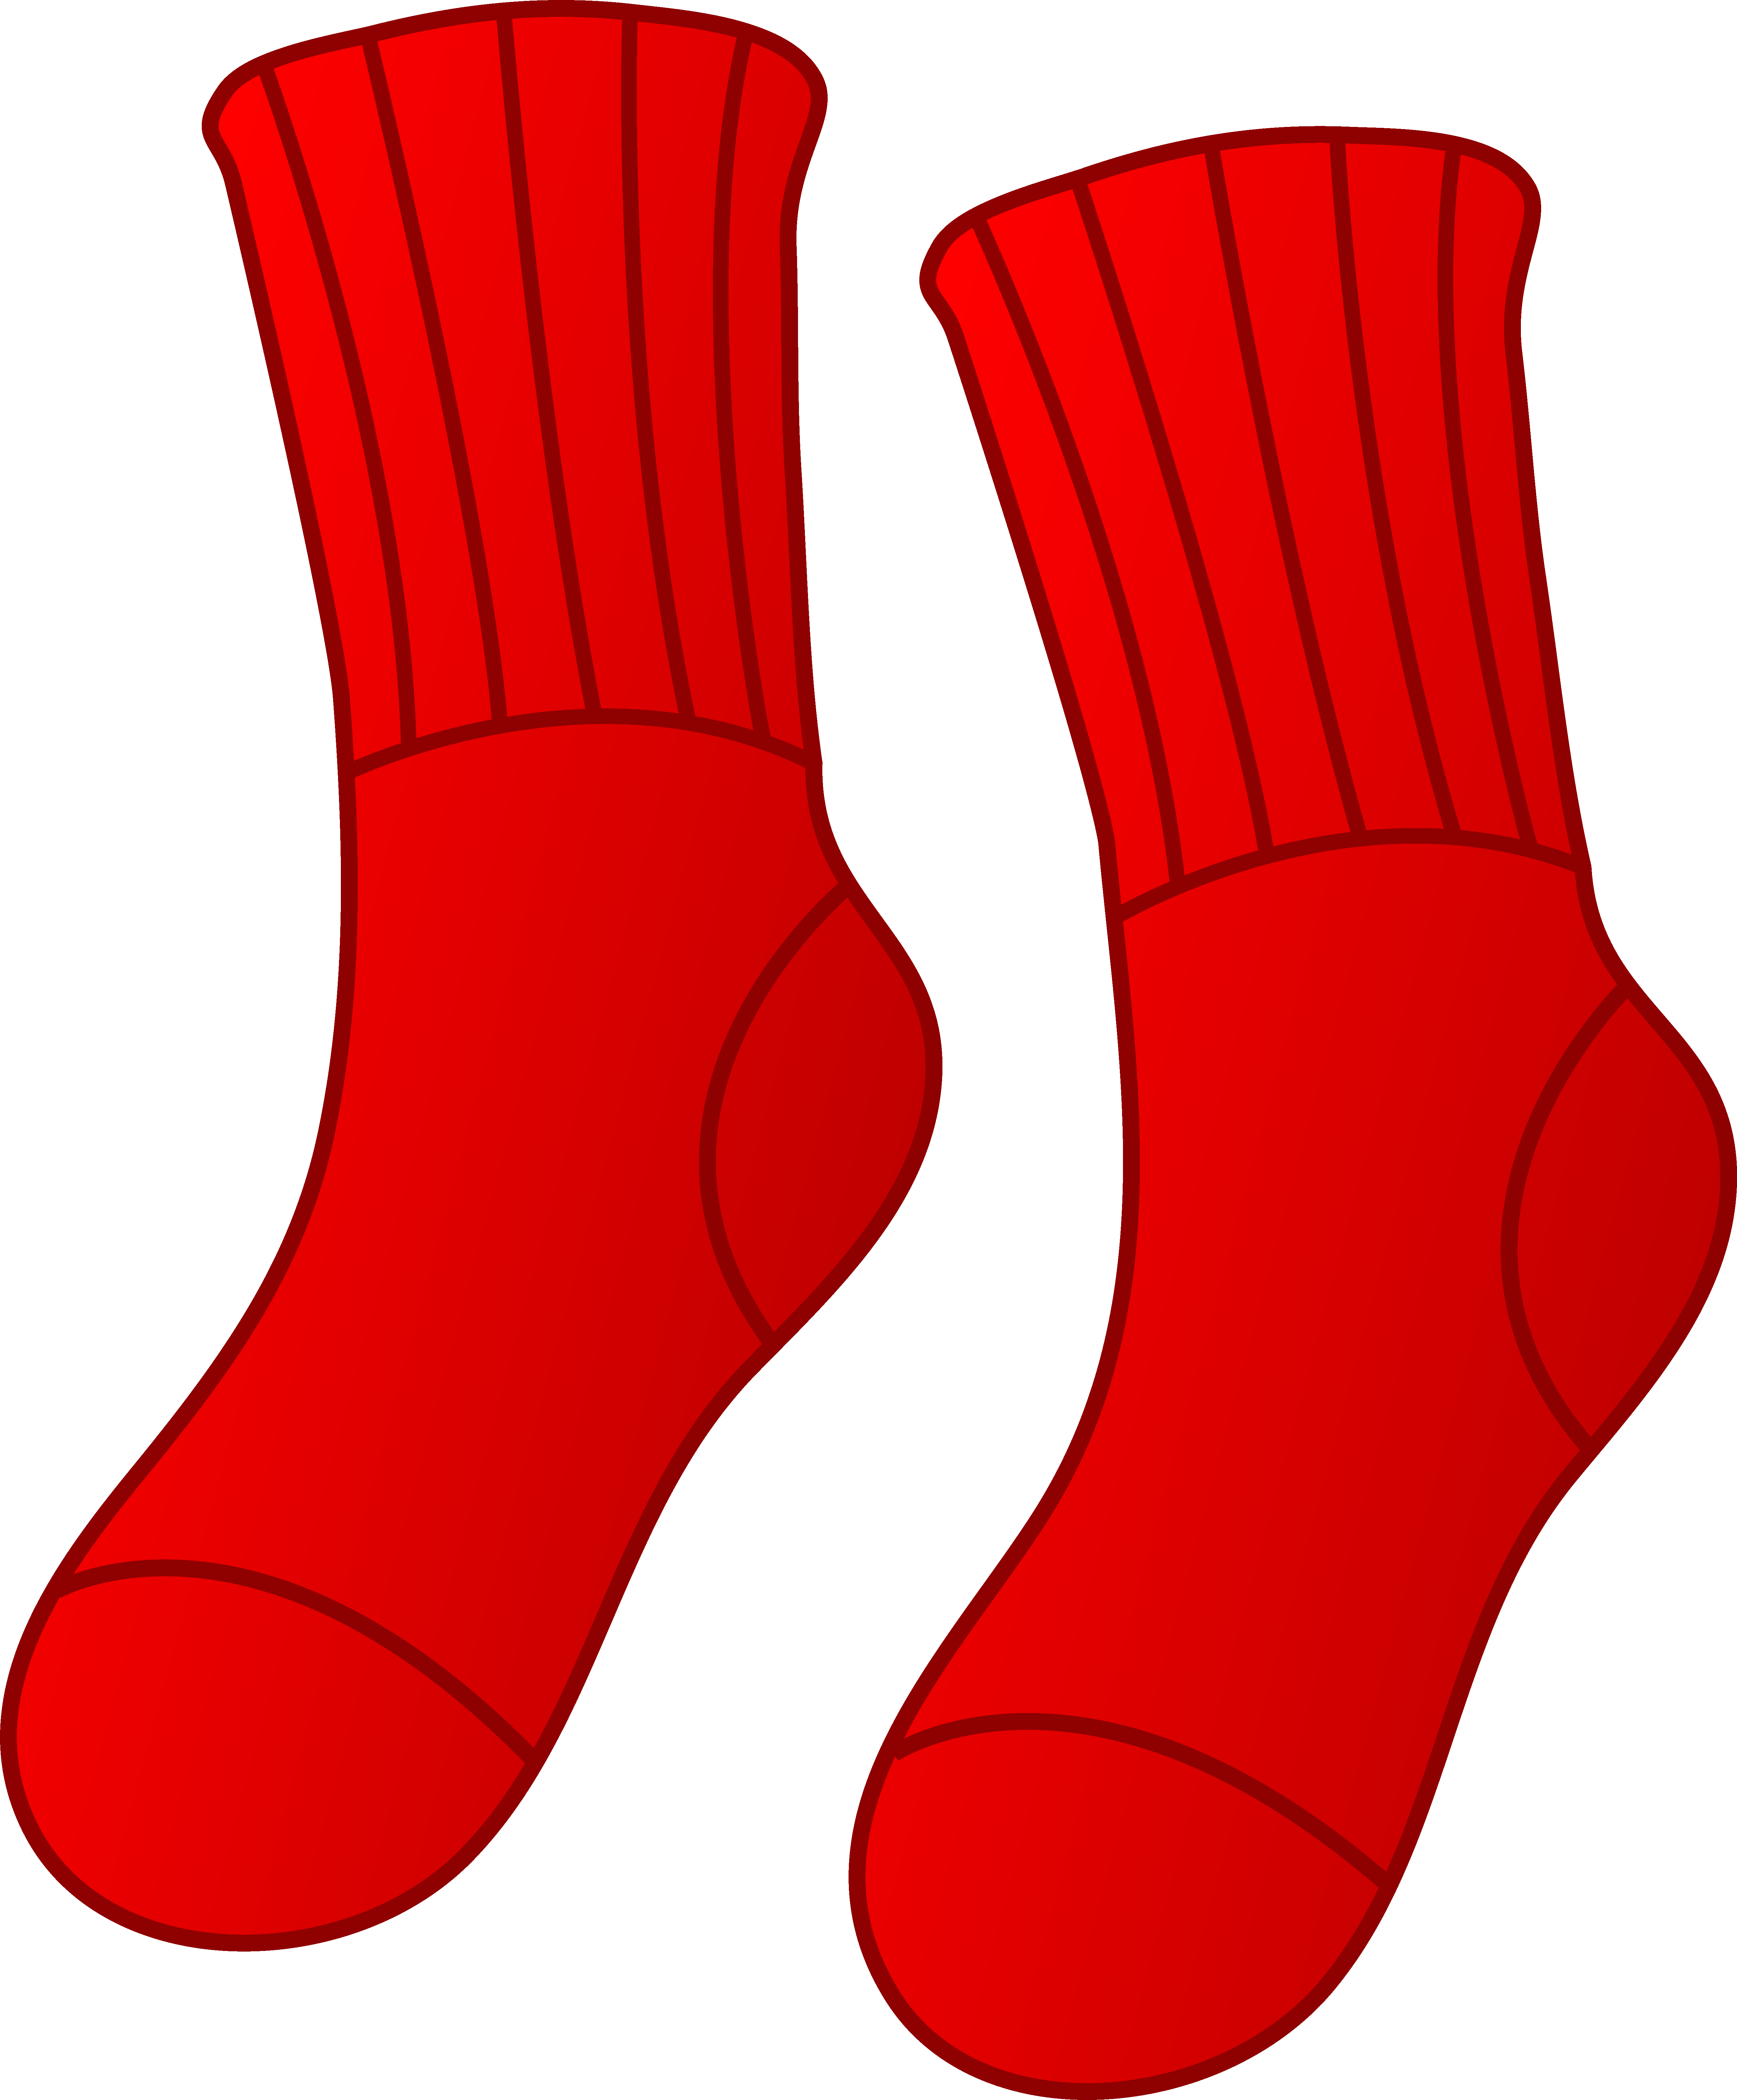 Pair of red socks. Wet clipart clip art